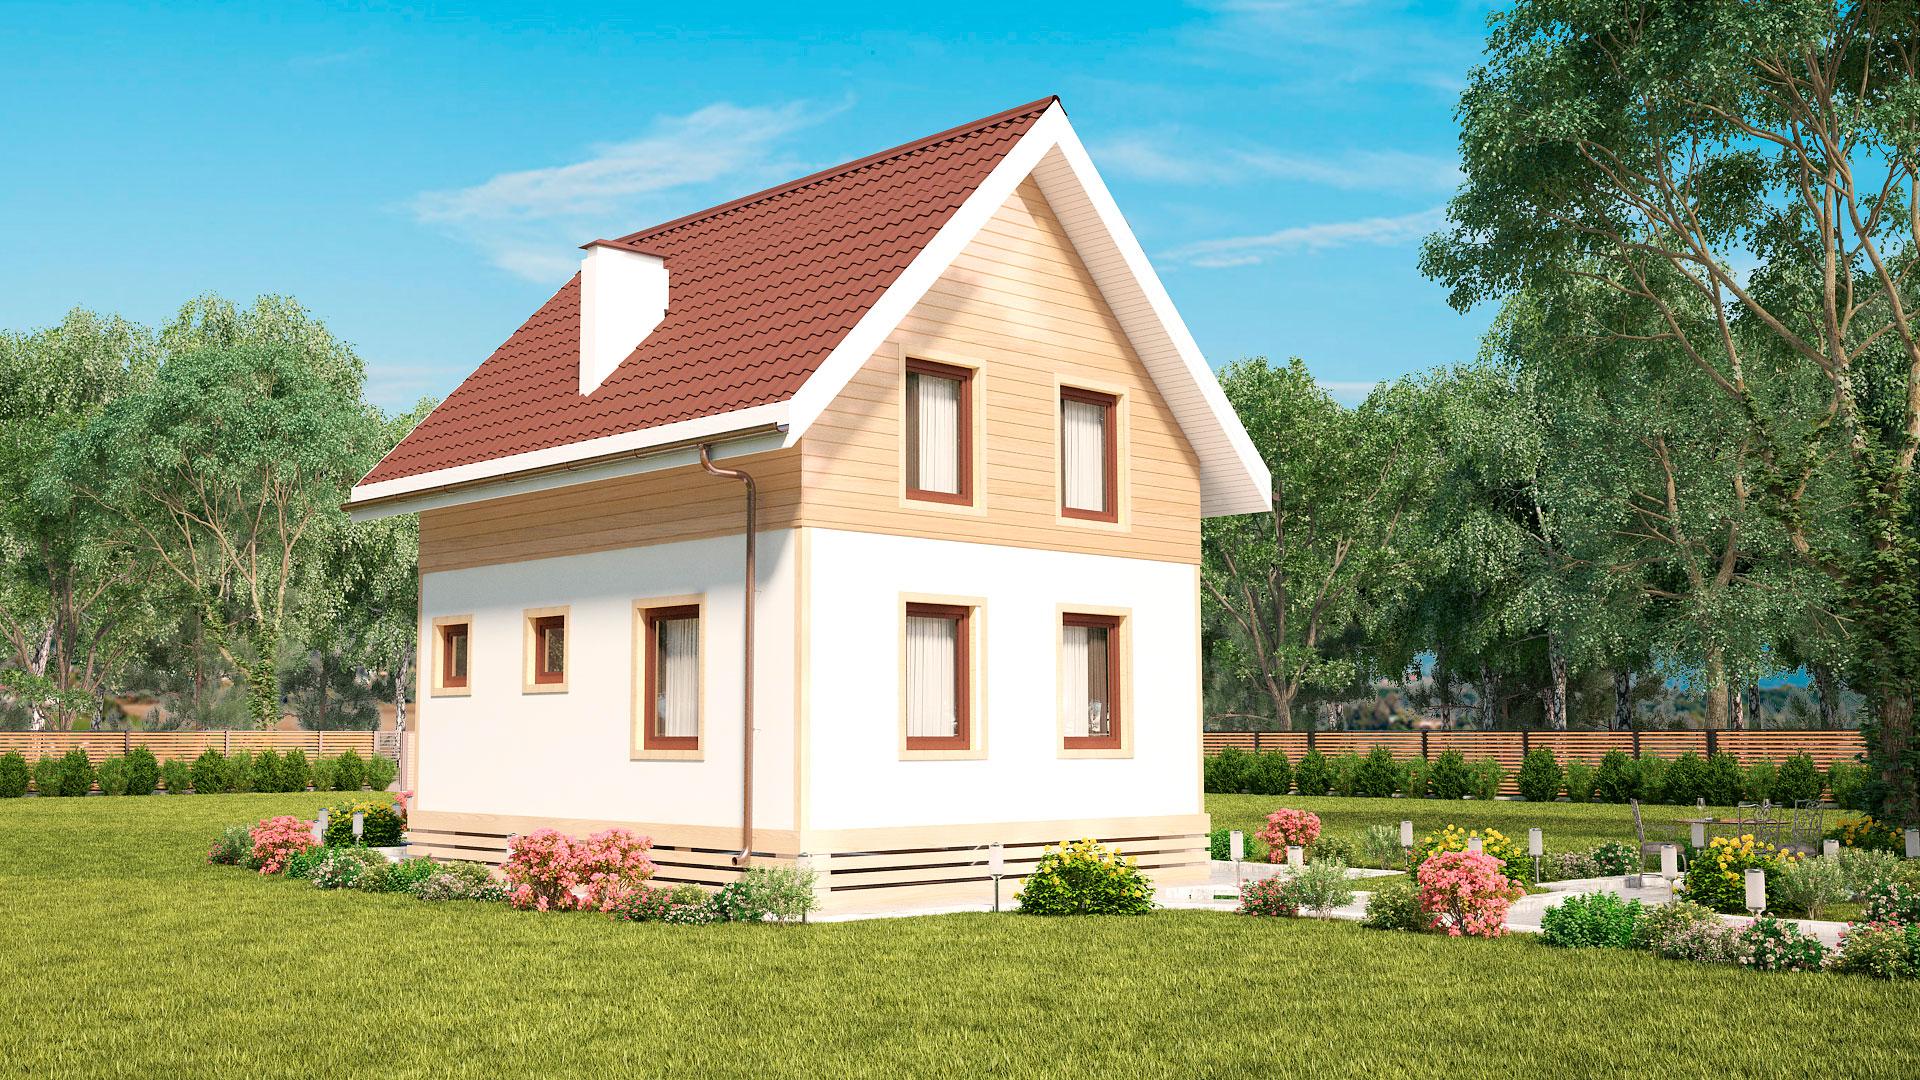 Задний и боковой фасады небольшого двухэтажного дома, проект БЭНПАН МС-92.